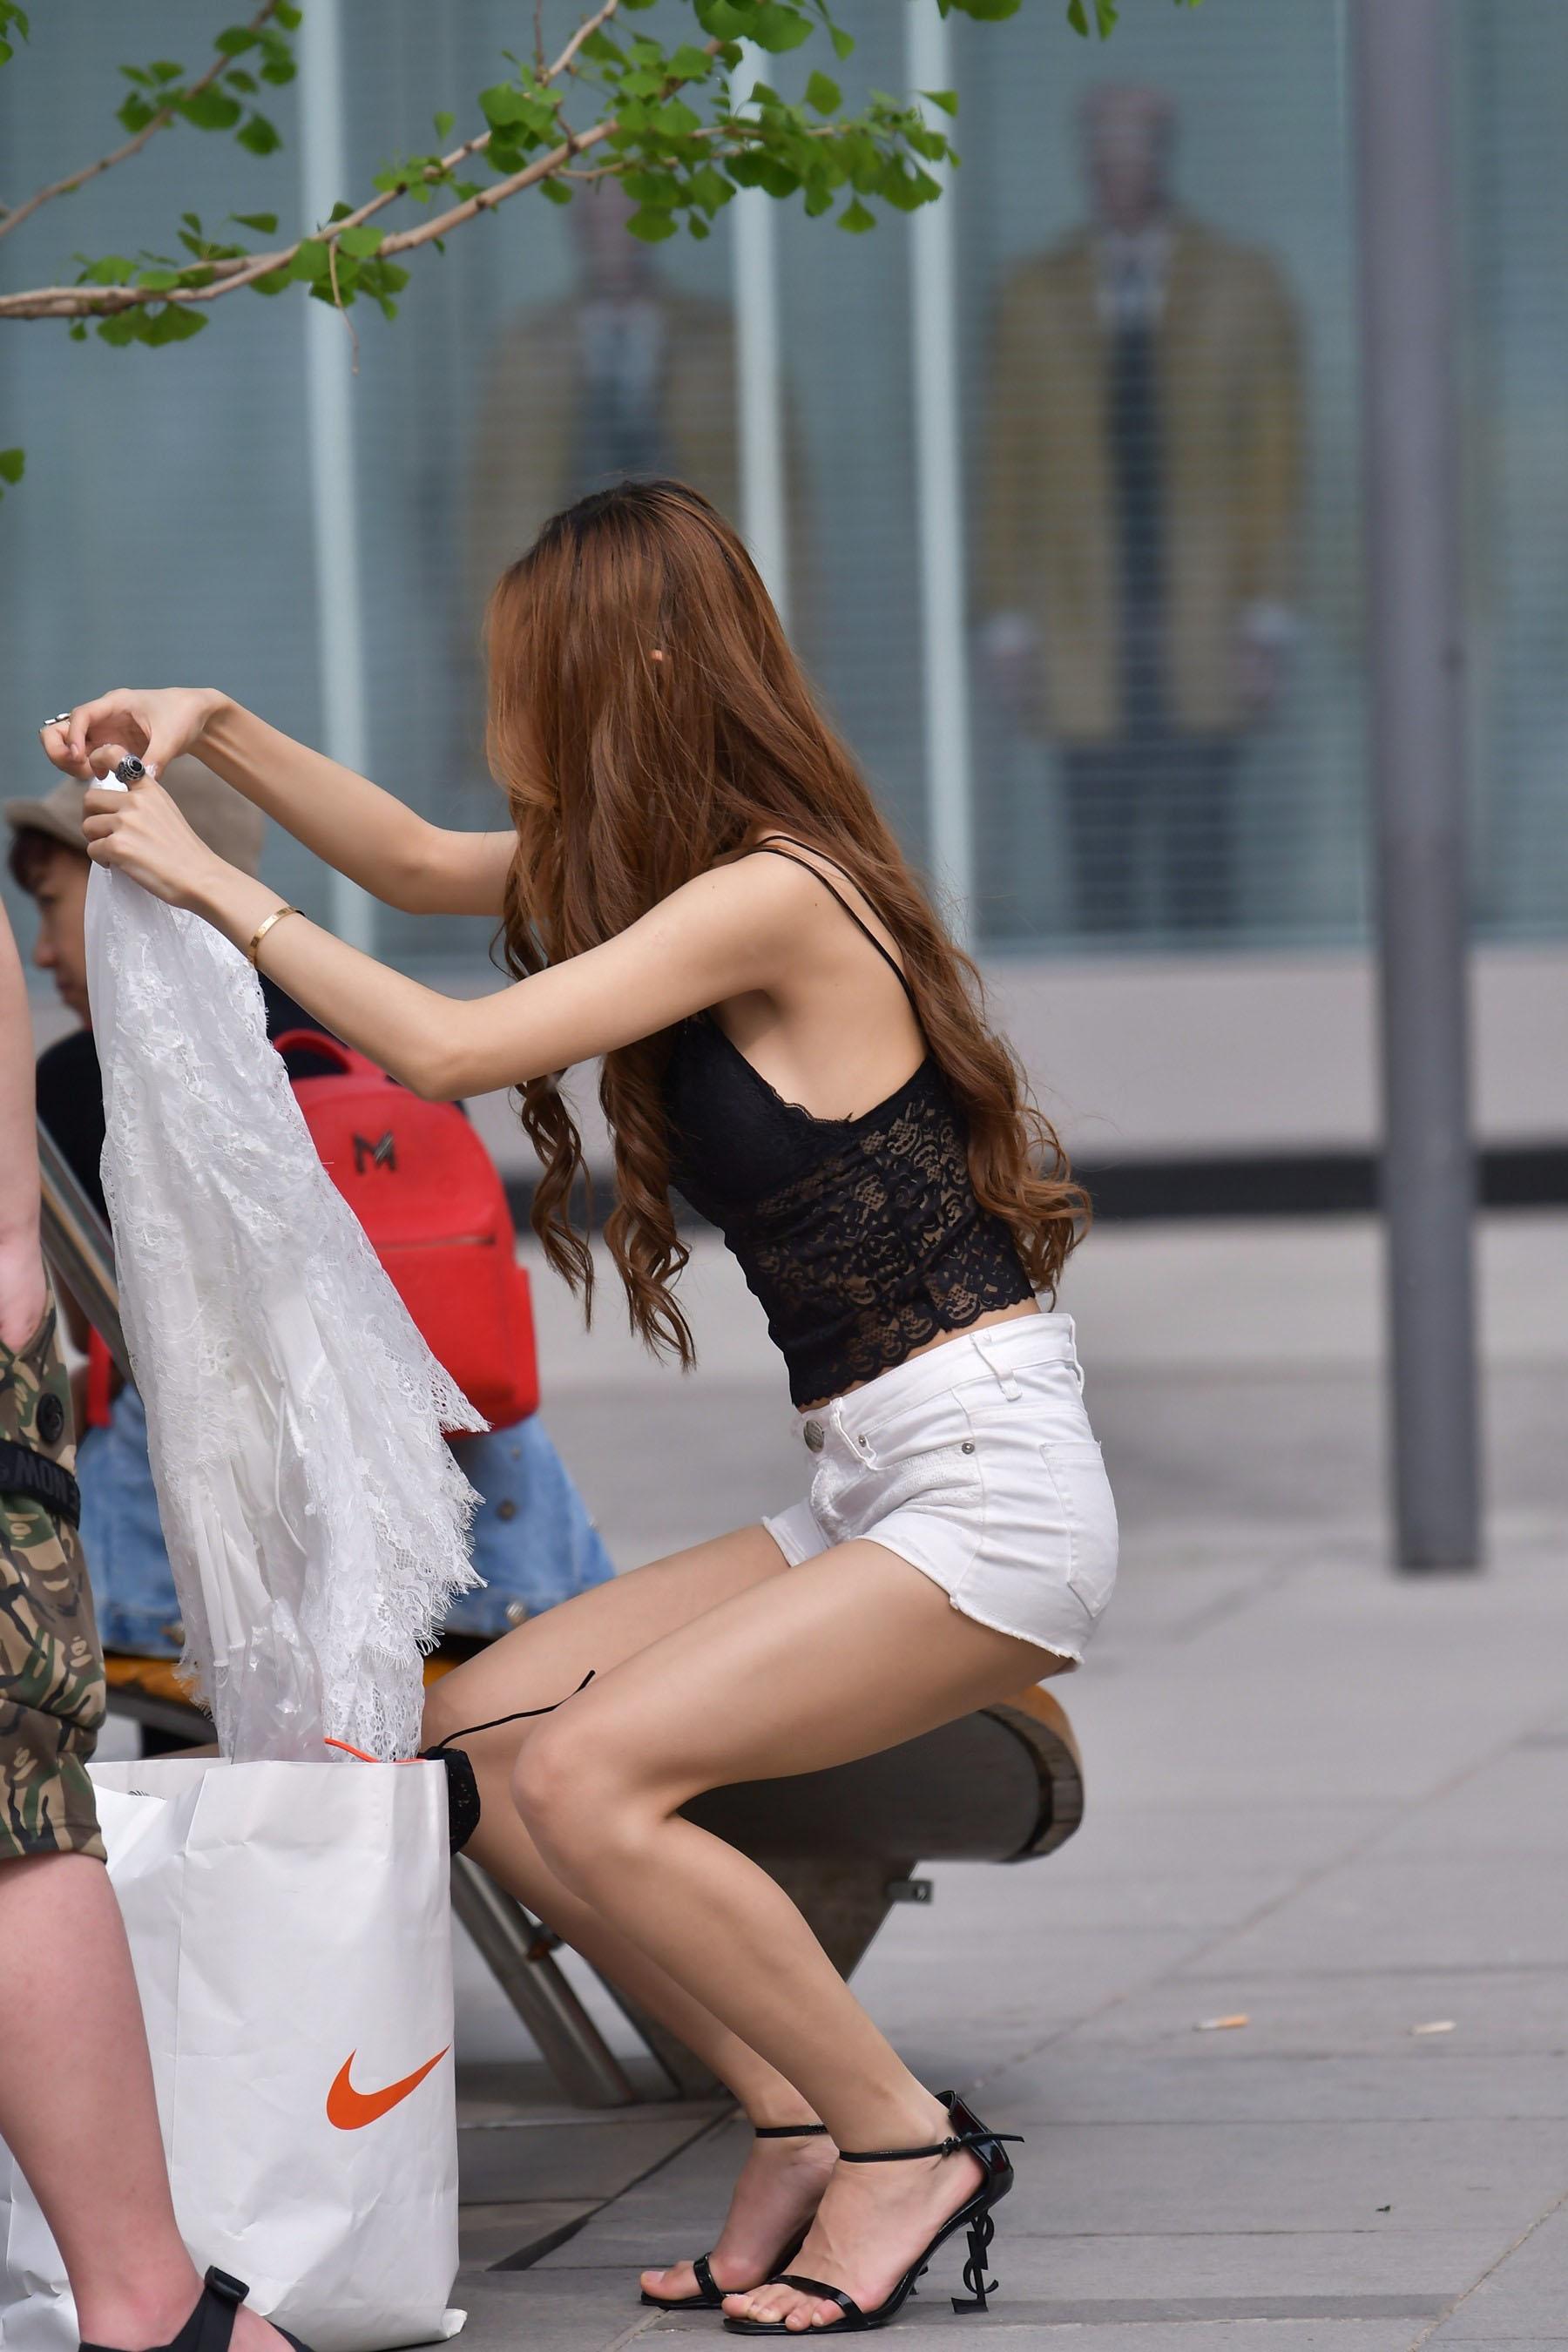 摄像师街头采访帅哥美女,领略魔镜街拍